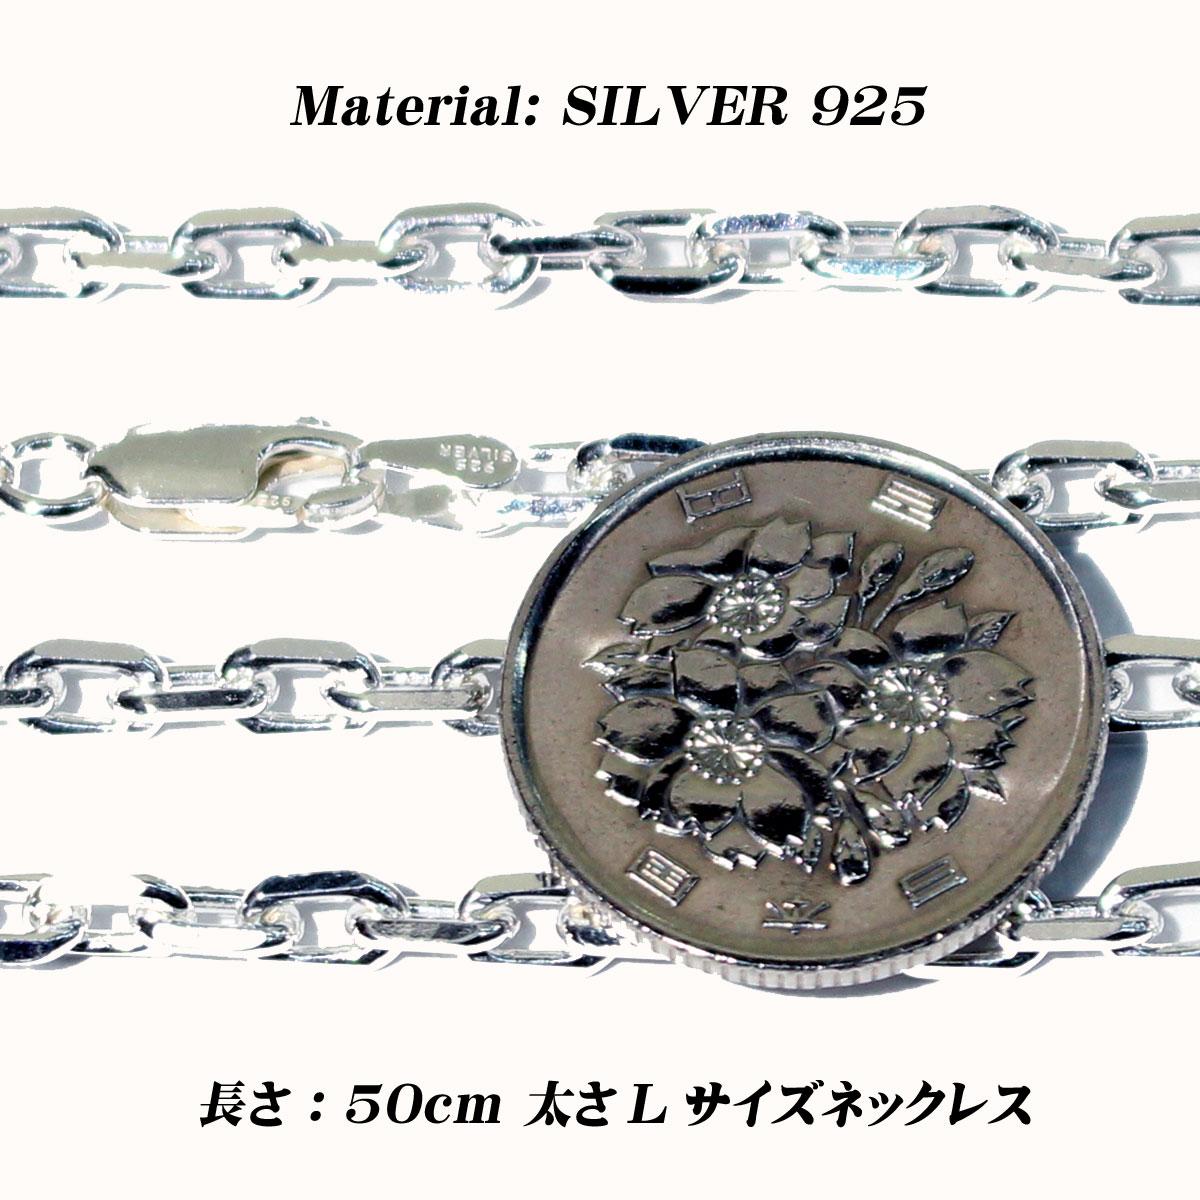 シルバー925使用 カットアズキチェーン バディ シルバーアクセサリー シルバー925 約4mm幅 売り出し シルバーショップバディ ネックレス チェーン 太め 世界の人気ブランド 長さ50cm太め カットアズキ